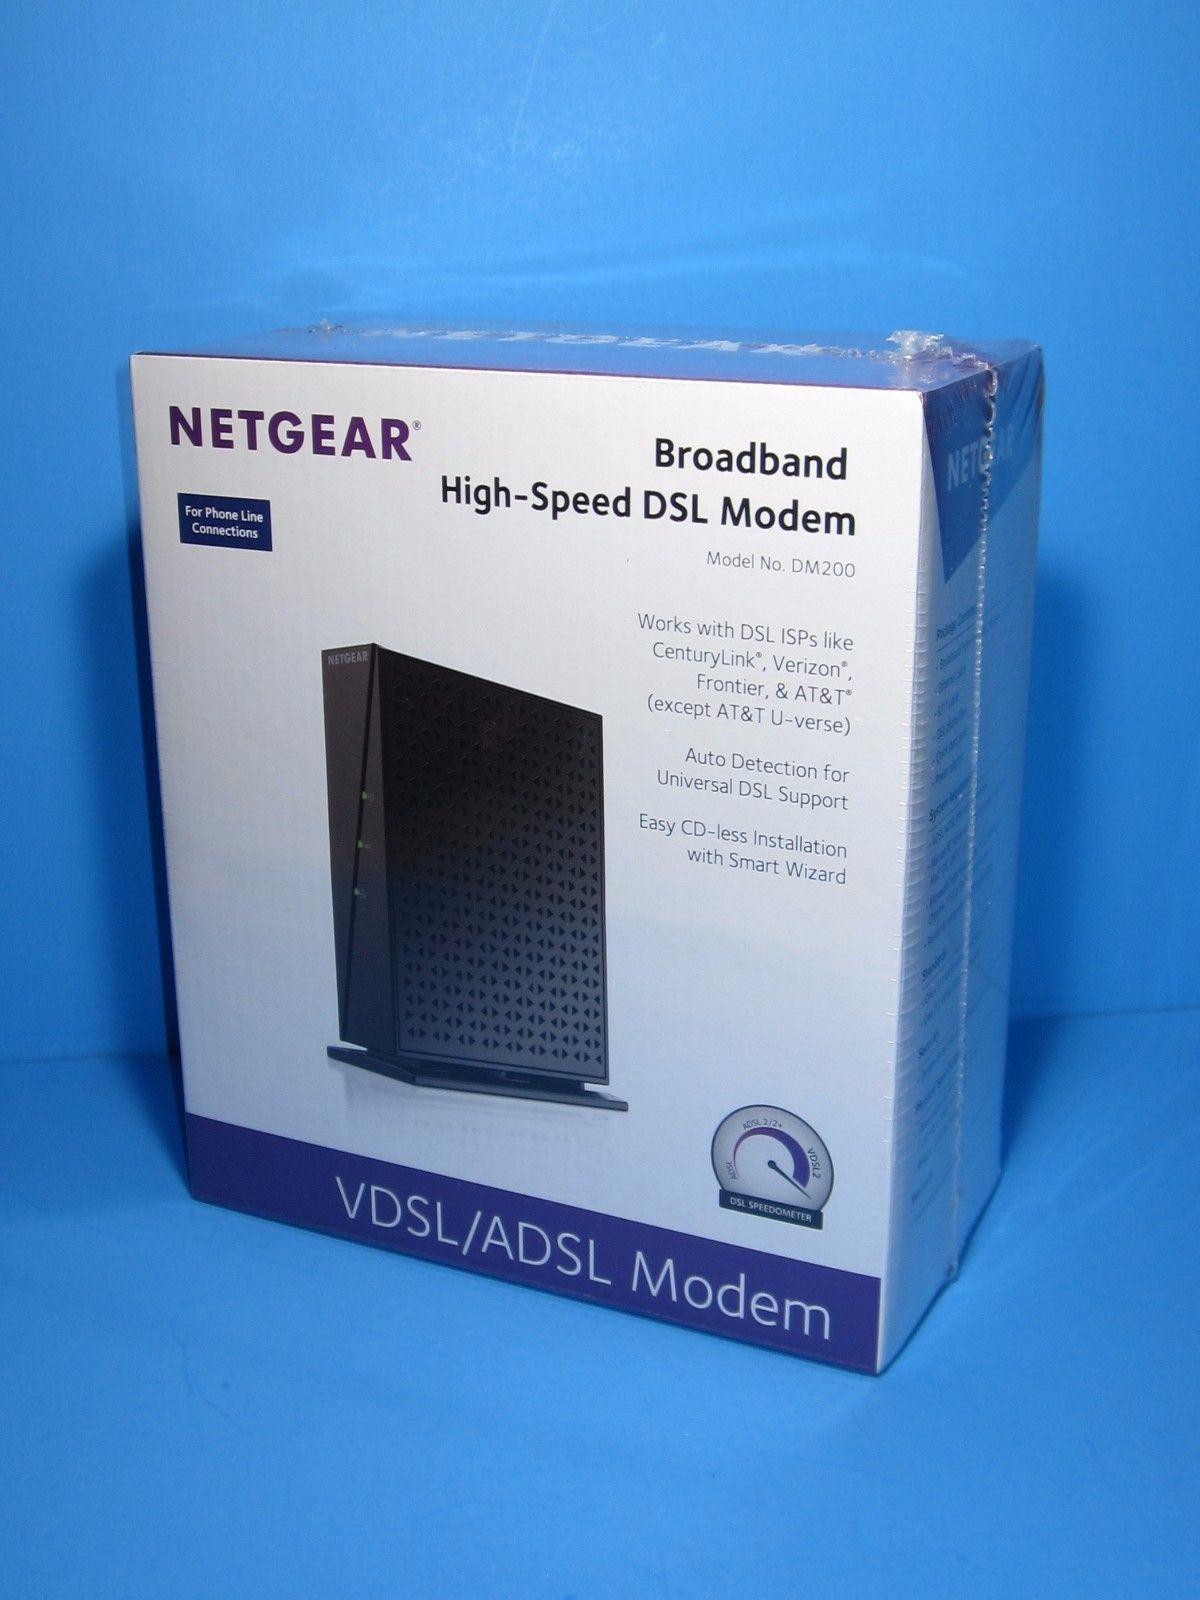 Netgear Vdsladsl Broadband Dsl Modem And Centuy Link Wiring Diagram Dm200 High Speed Vdsl Adsl Sealed